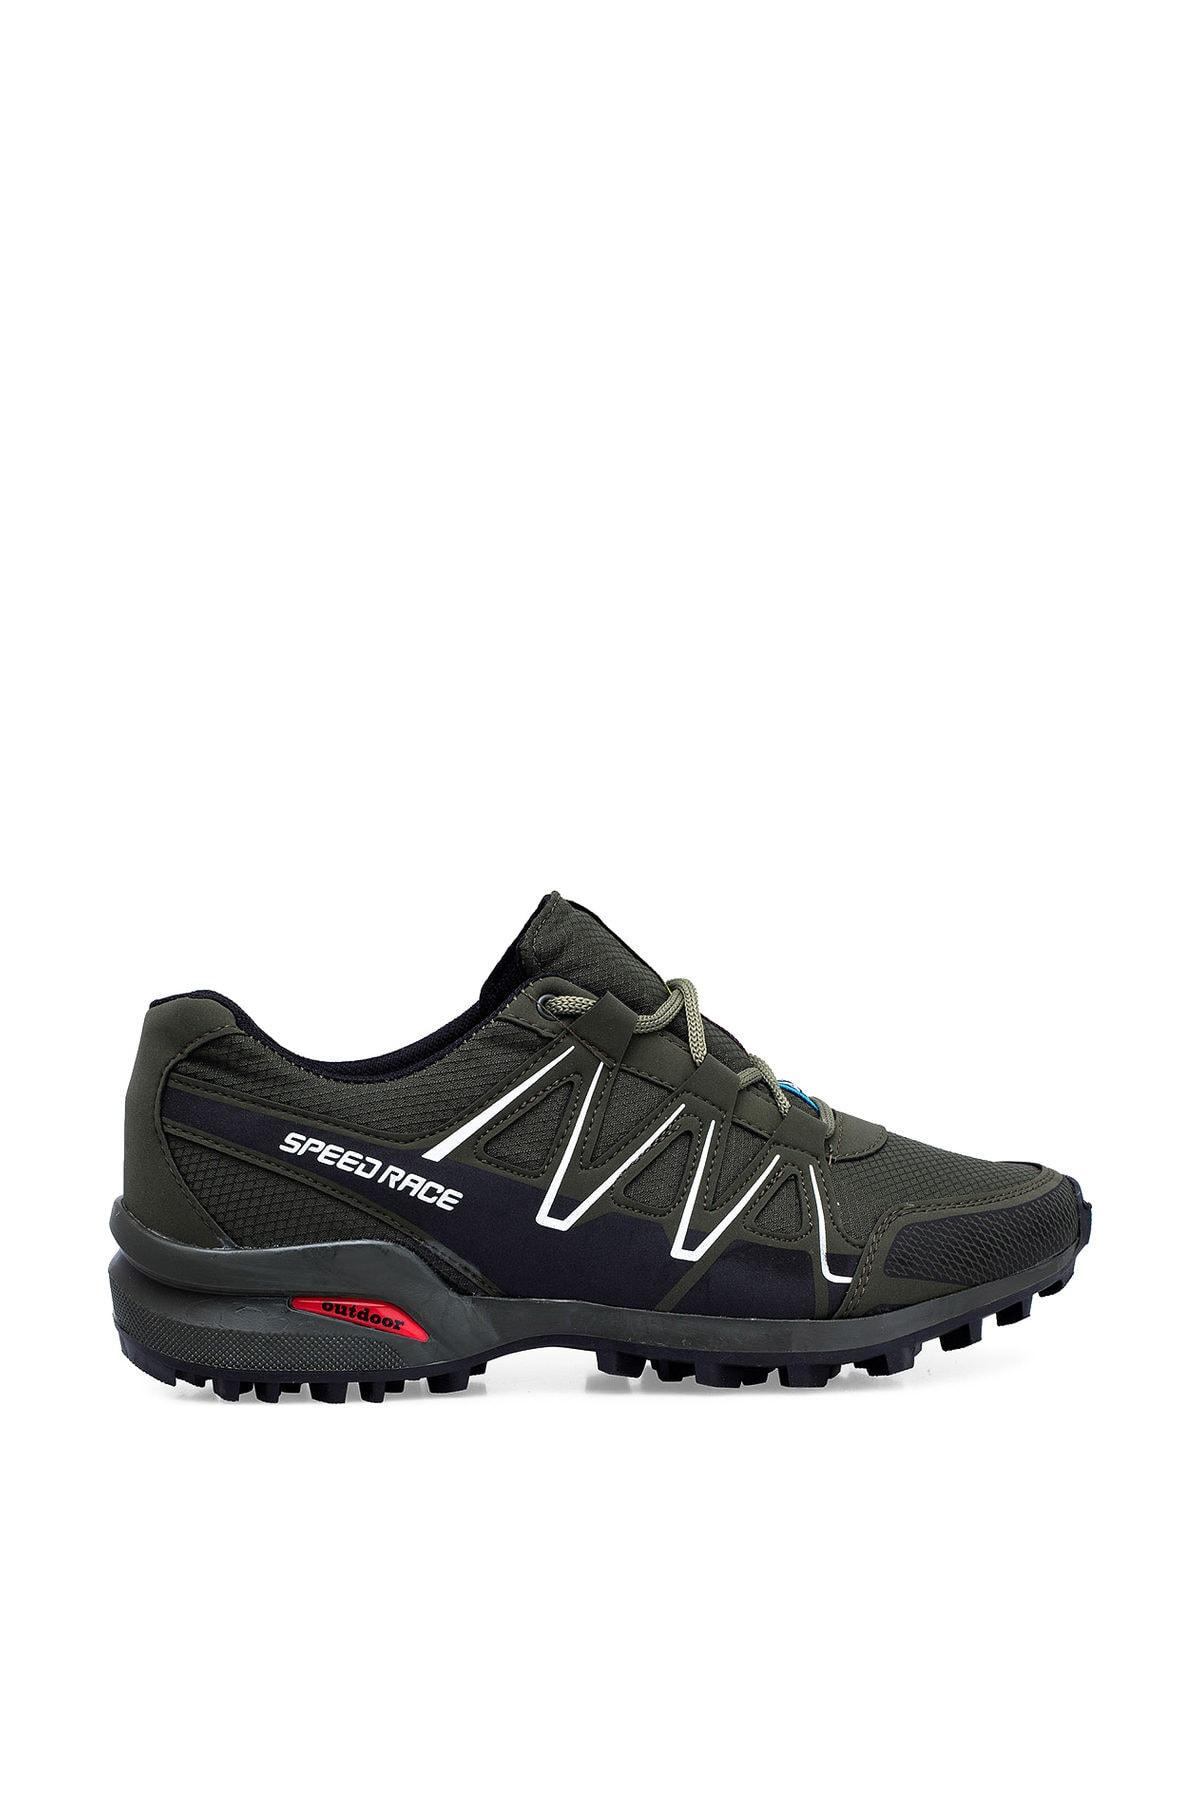 Navigli Haki Erkek Outdoor Ayakkabı 5601953 1